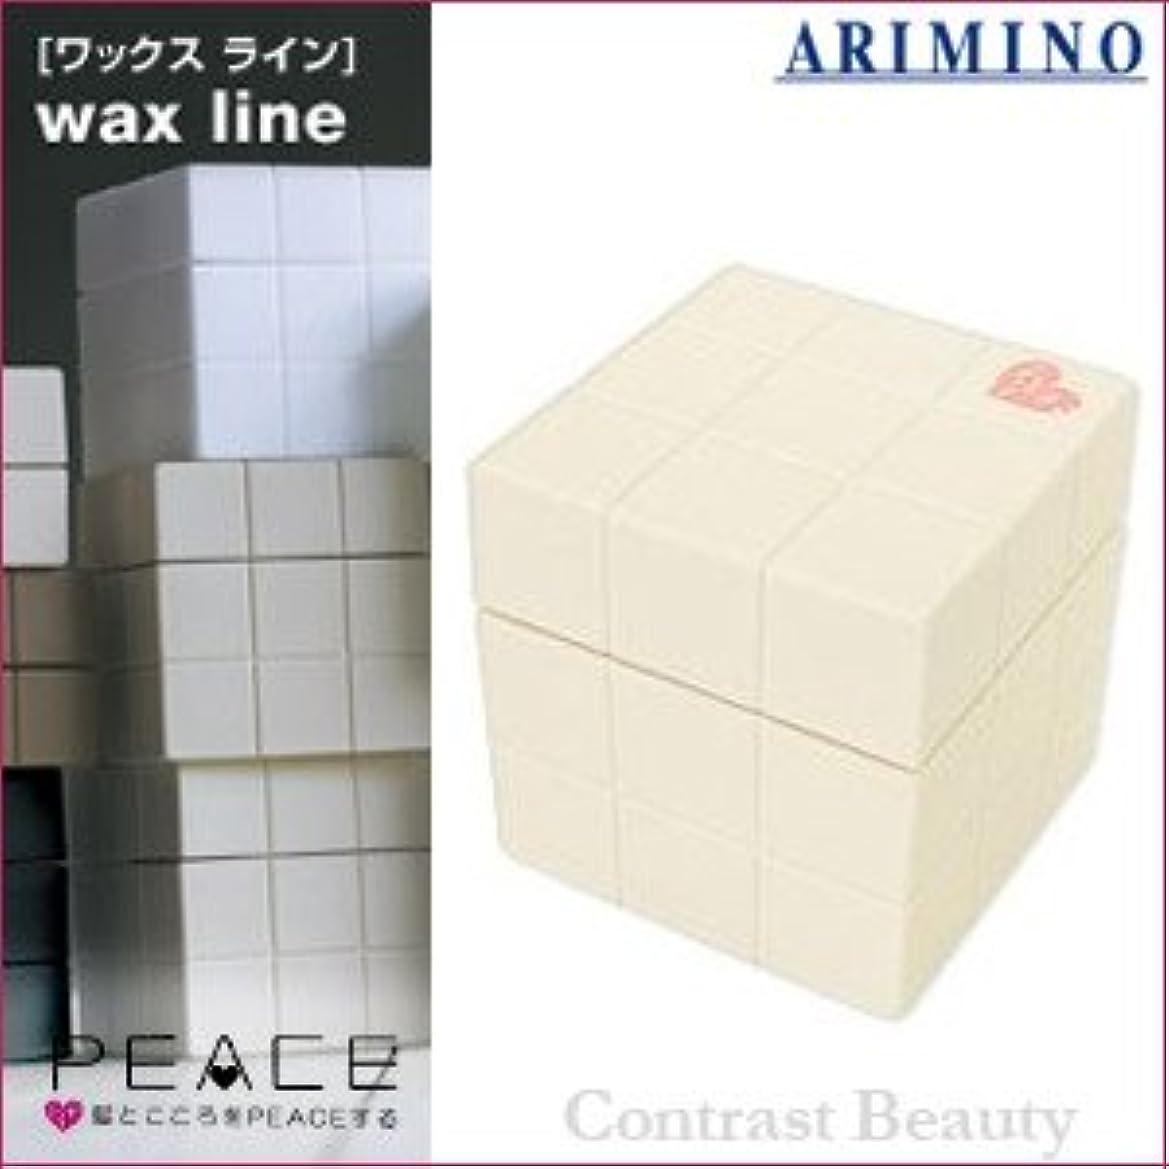 分岐する城主人【x3個セット】 アリミノ ピース プロデザインシリーズ ニュアンスワックス バニラ 80g